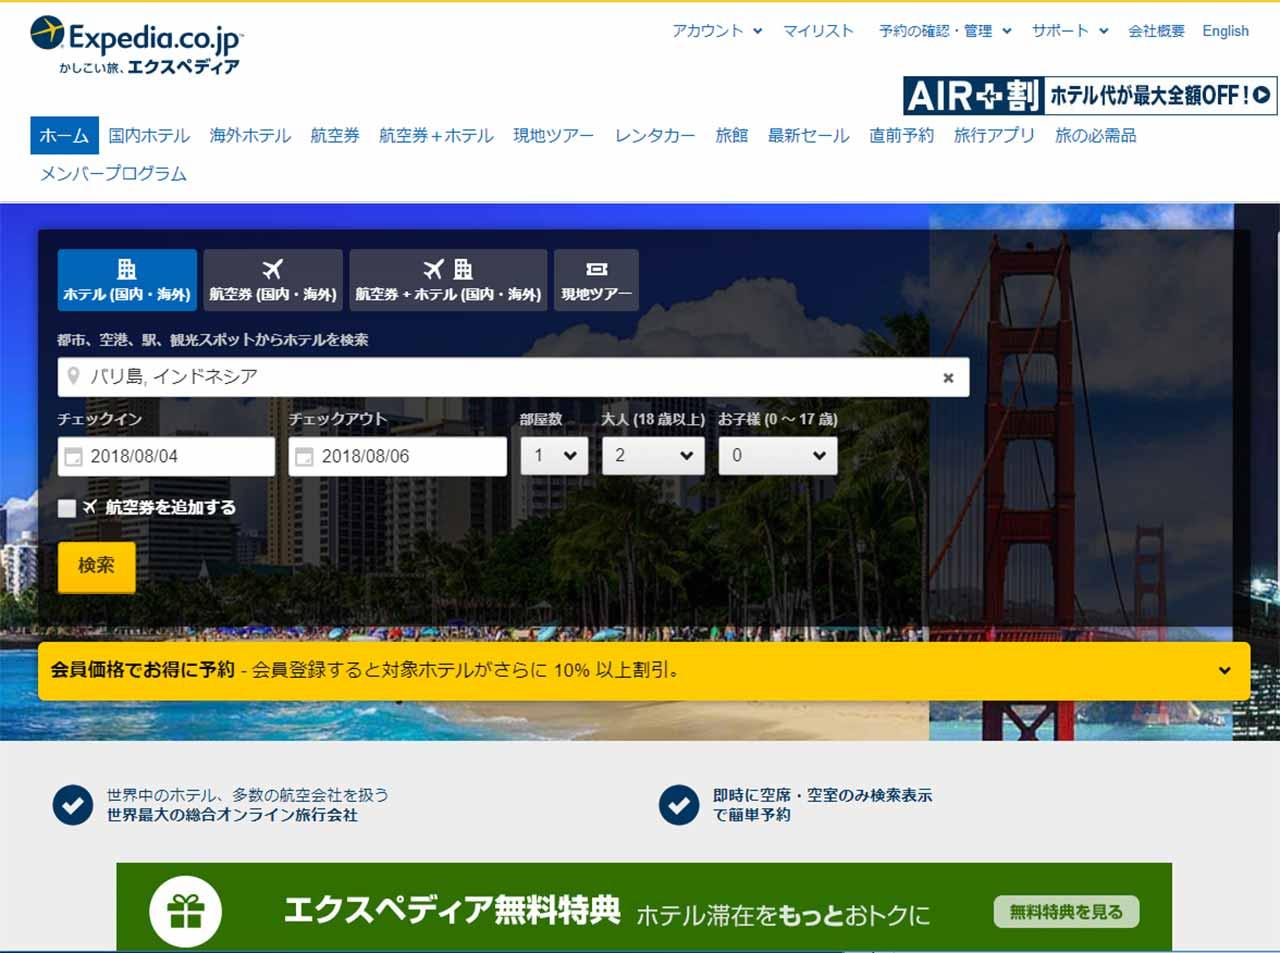 海外航空券ランキング No.1エクスペディア